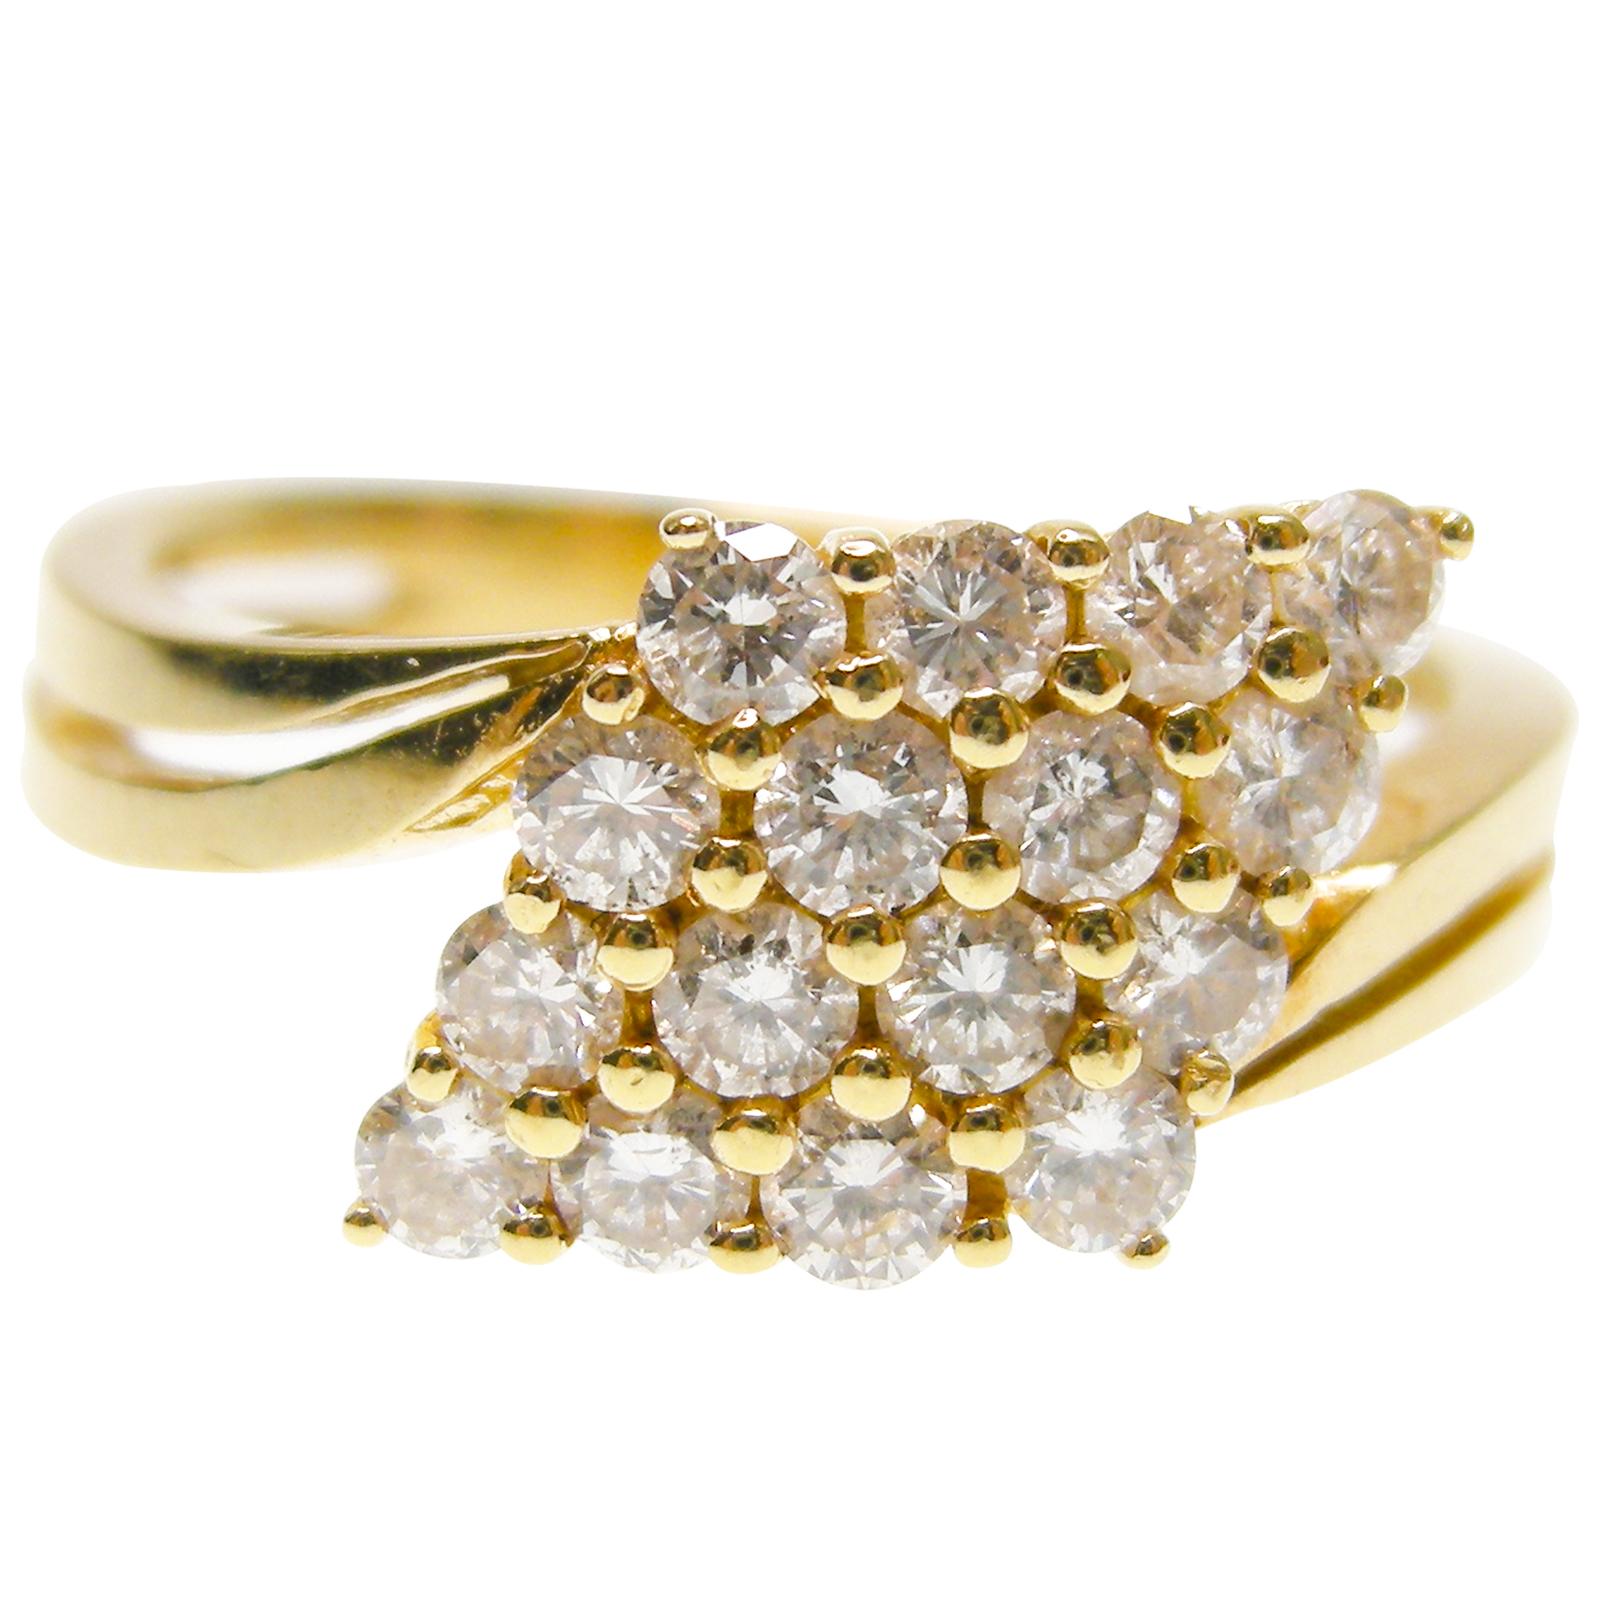 META DIAMOND KITE RING BESPOKE FINE JEWELLERY BY SHAHINA HATTA